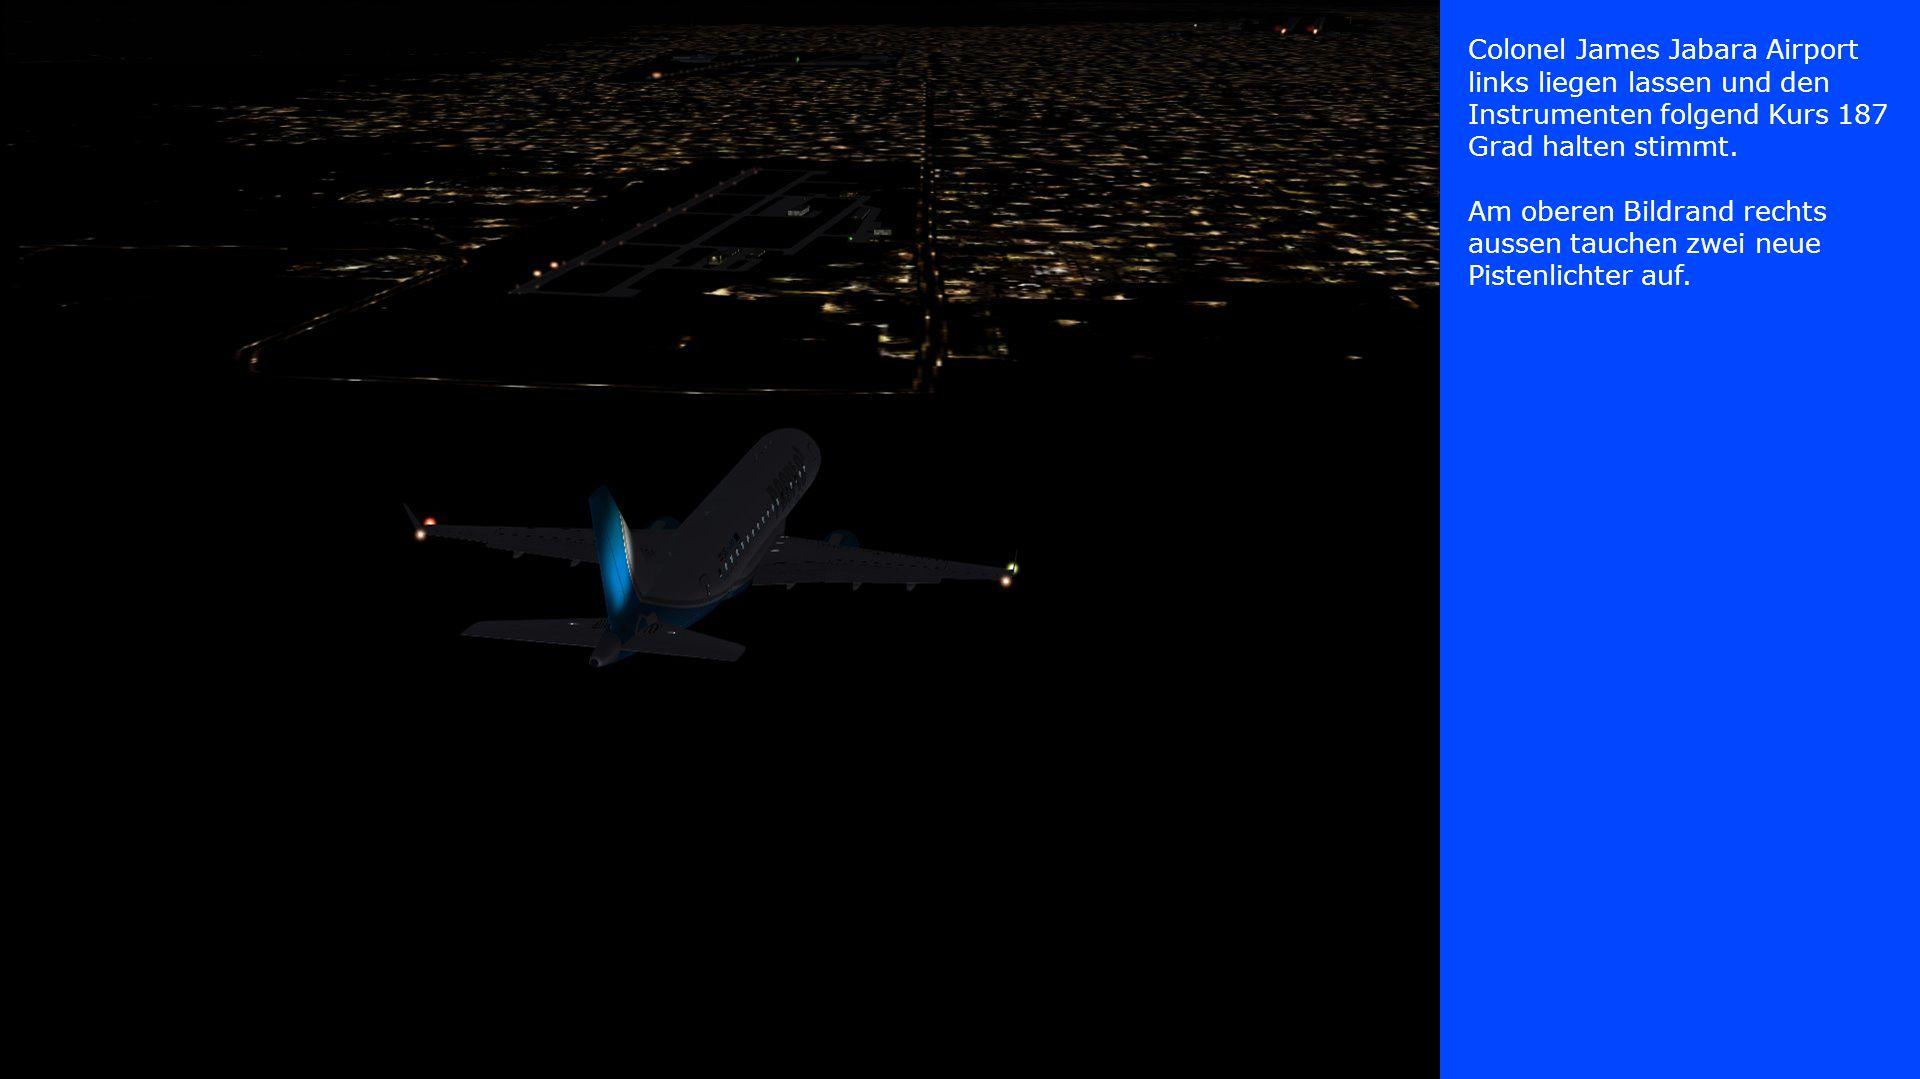 Colonel James Jabara Airport links liegen lassen und den Instrumenten folgend Kurs 187 Grad halten stimmt. Am oberen Bildrand rechts aussen tauchen zw